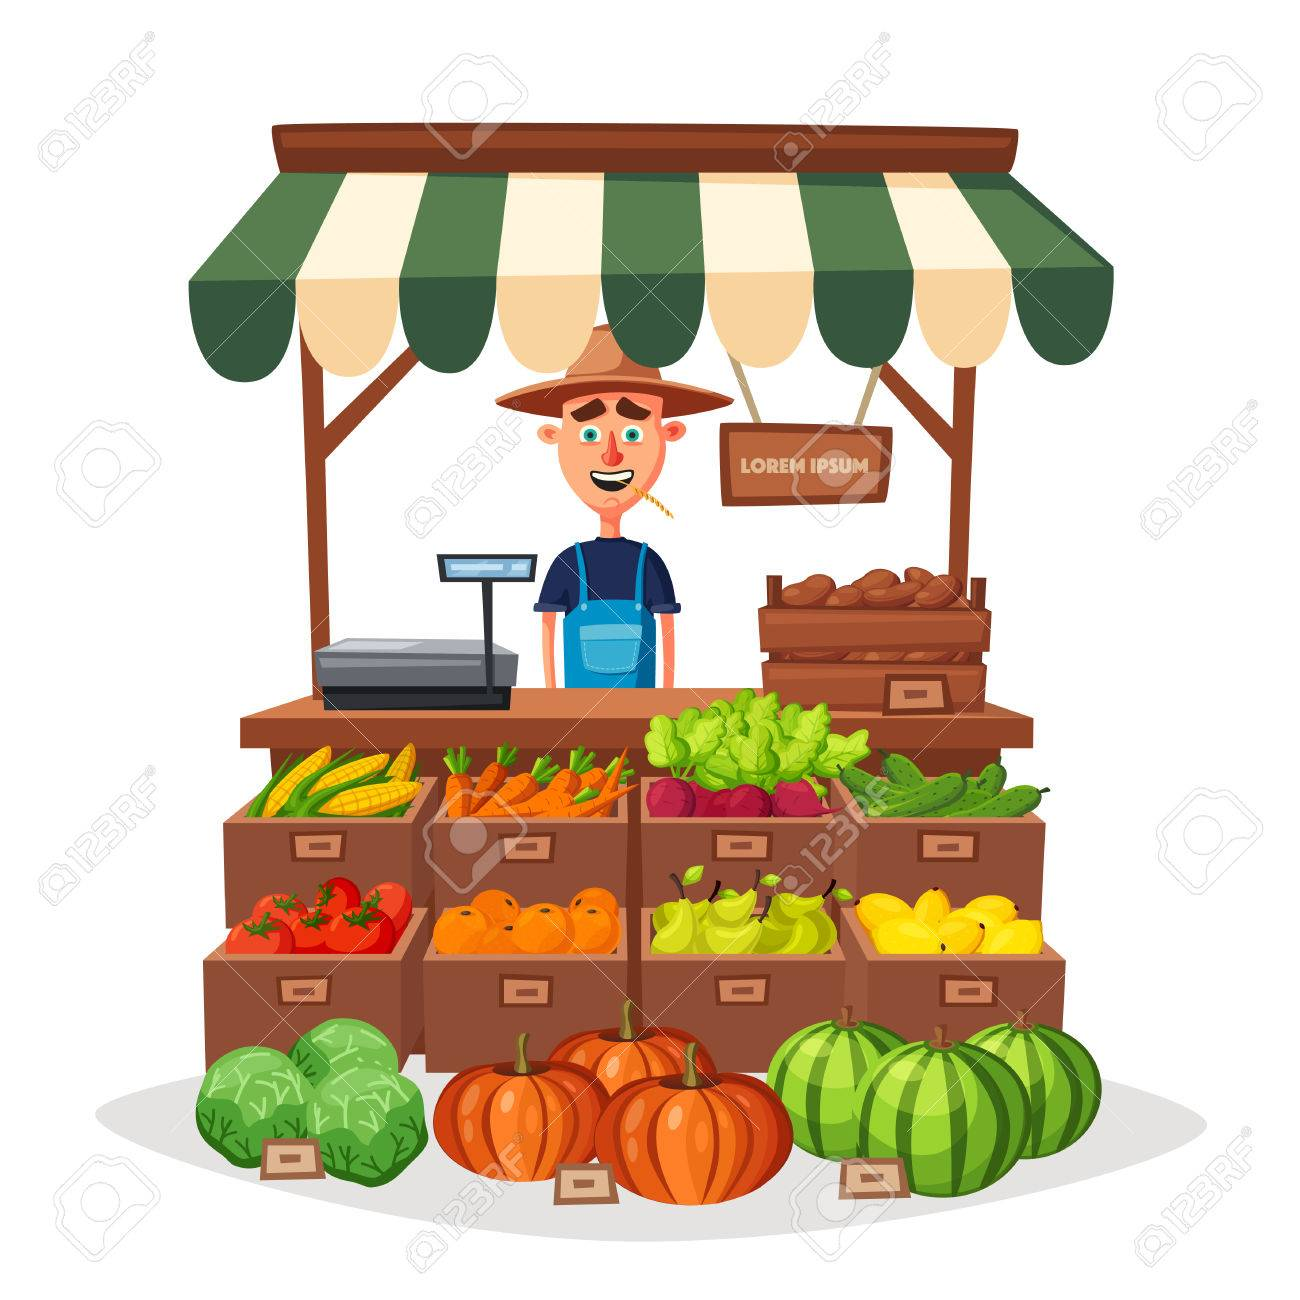 Tienda De Granja Mercado Local De Establos Venta De Verduras Ilustración Vectorial De Dibujos Animados Aislados En Fondo Blanco Comida Fresca